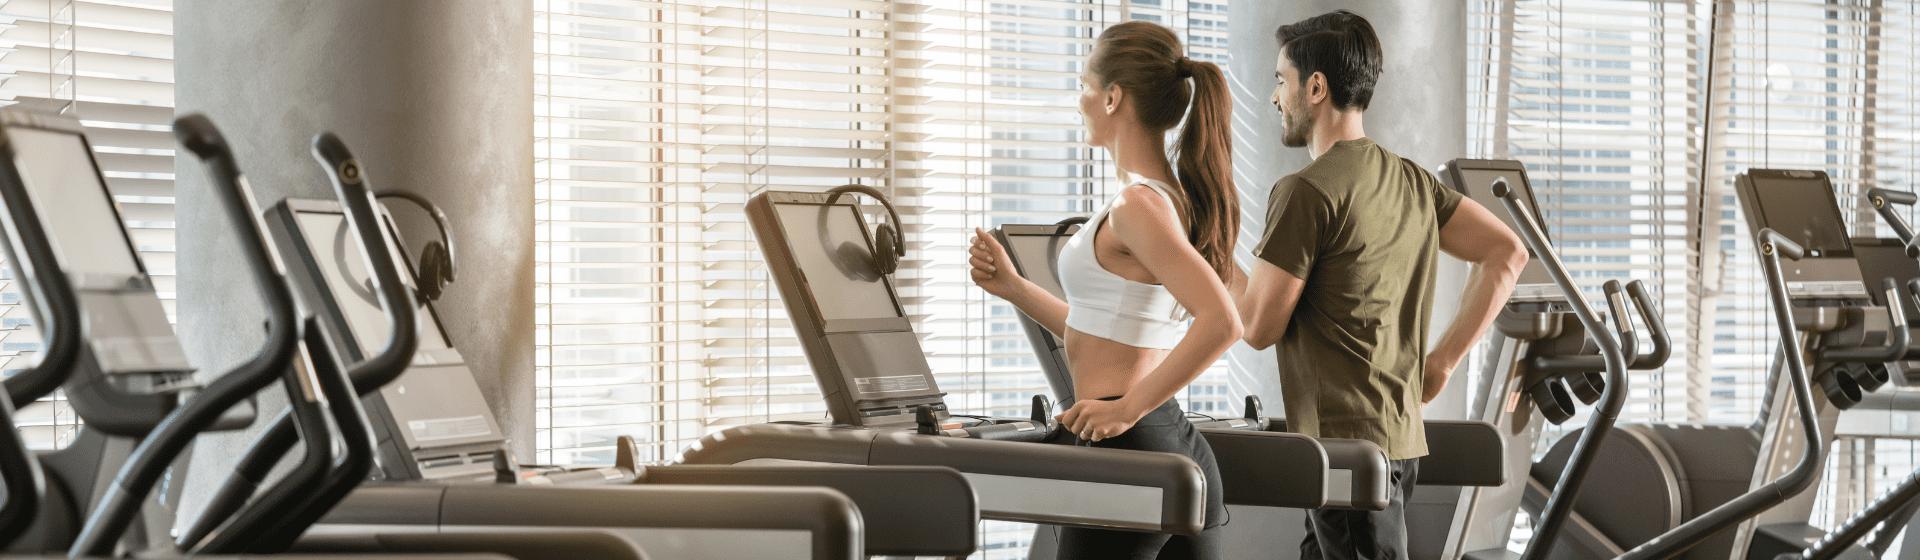 Melhores esteiras ergométricas de 2020: 7 modelos para comprar